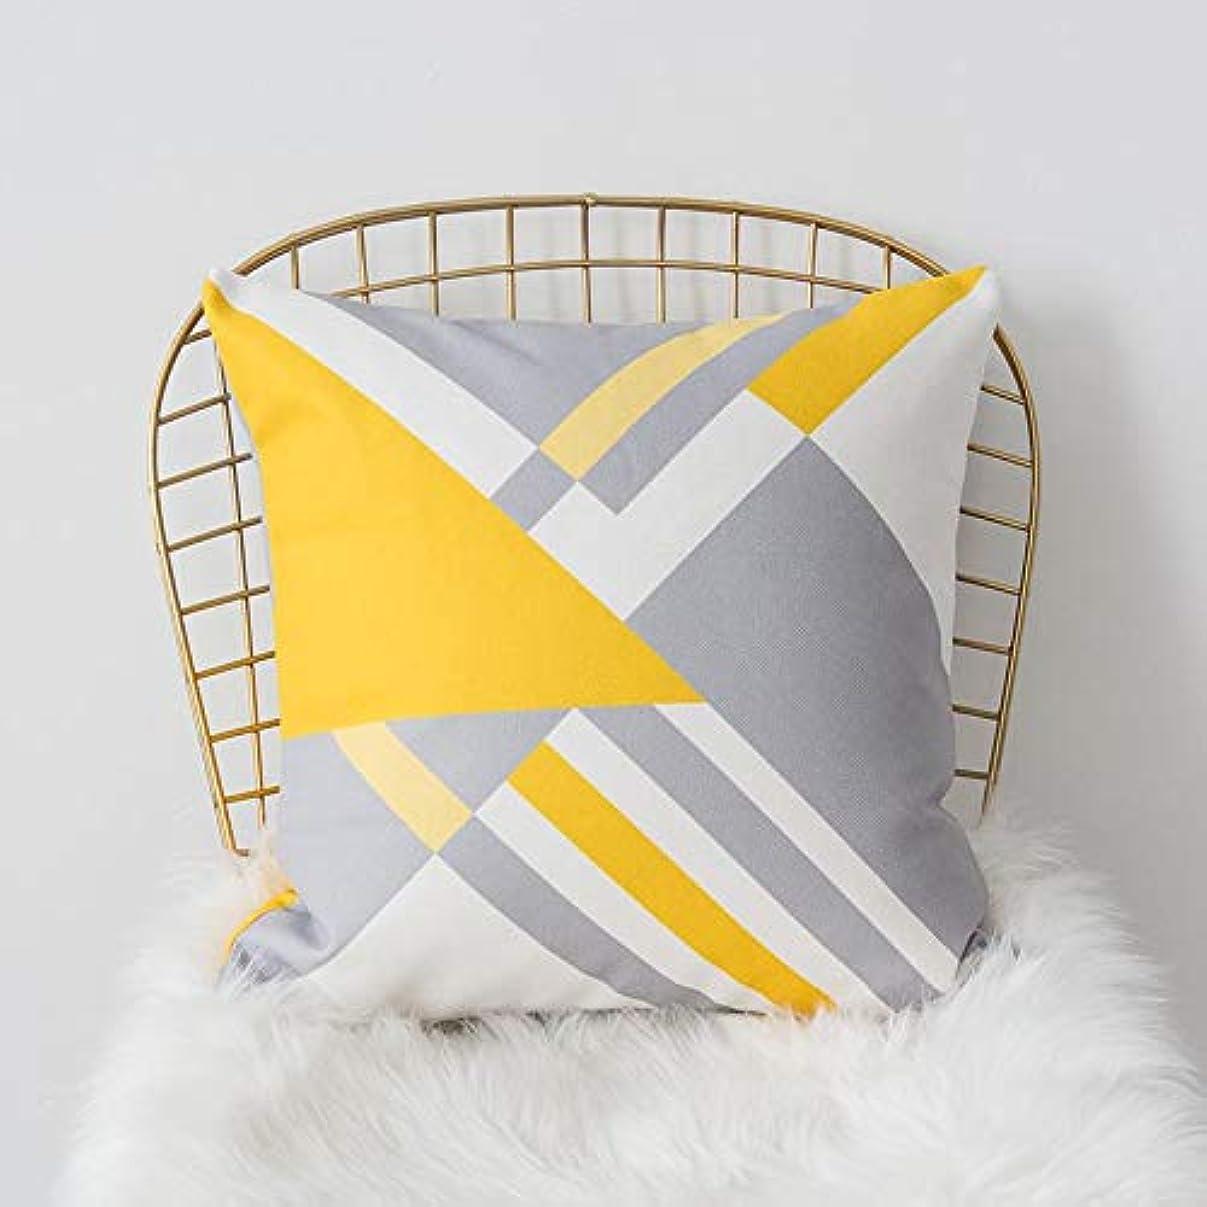 温かい暴力的な高尚なLIFE 黄色グレー枕北欧スタイル黄色ヘラジカ幾何枕リビングルームのインテリアソファクッション Cojines 装飾良質 クッション 椅子